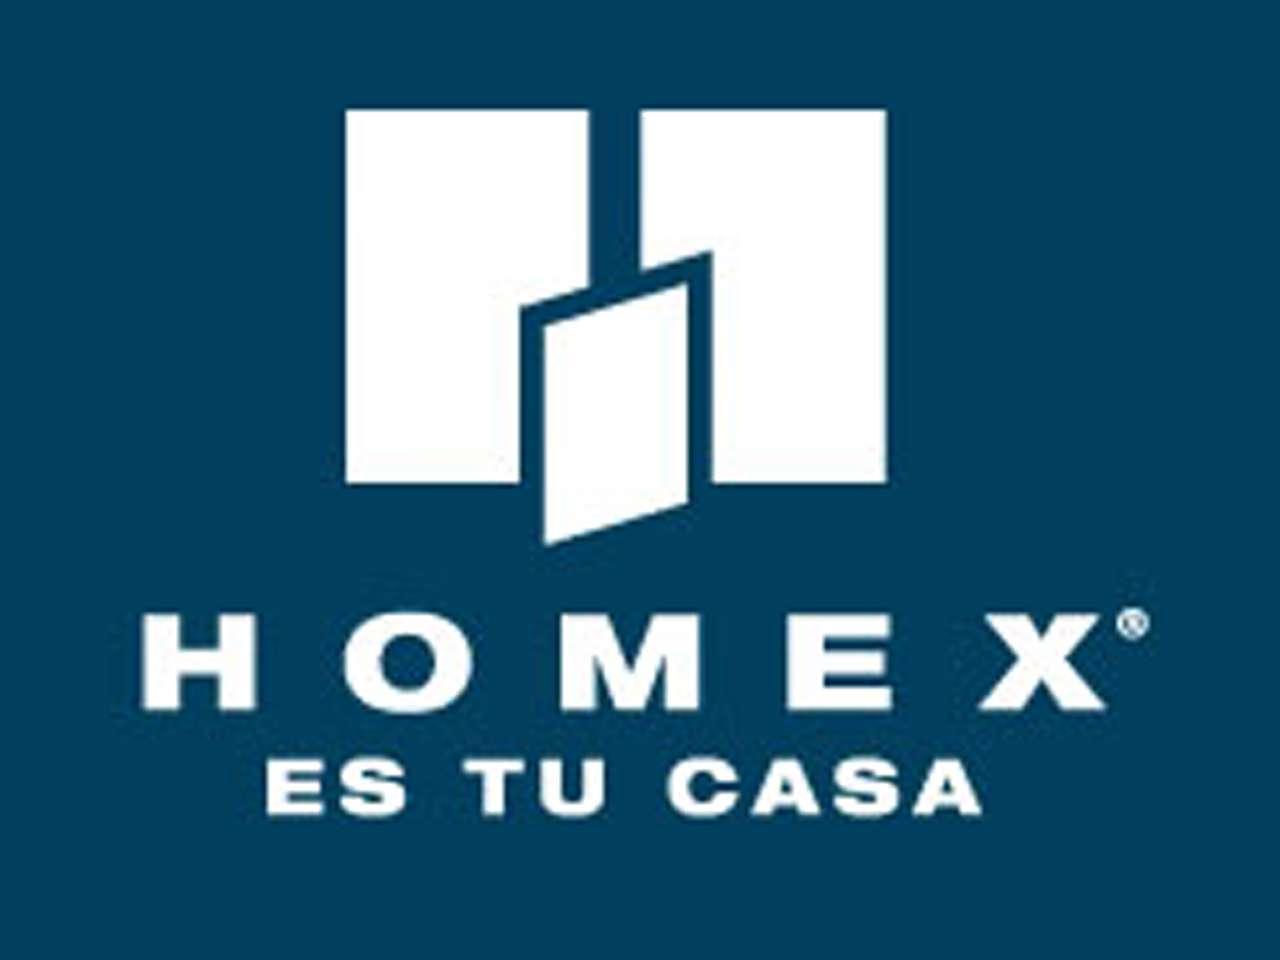 La desarrolladora Homex mantiene deudas con empleados y contratistas Foto: homex.com,mx